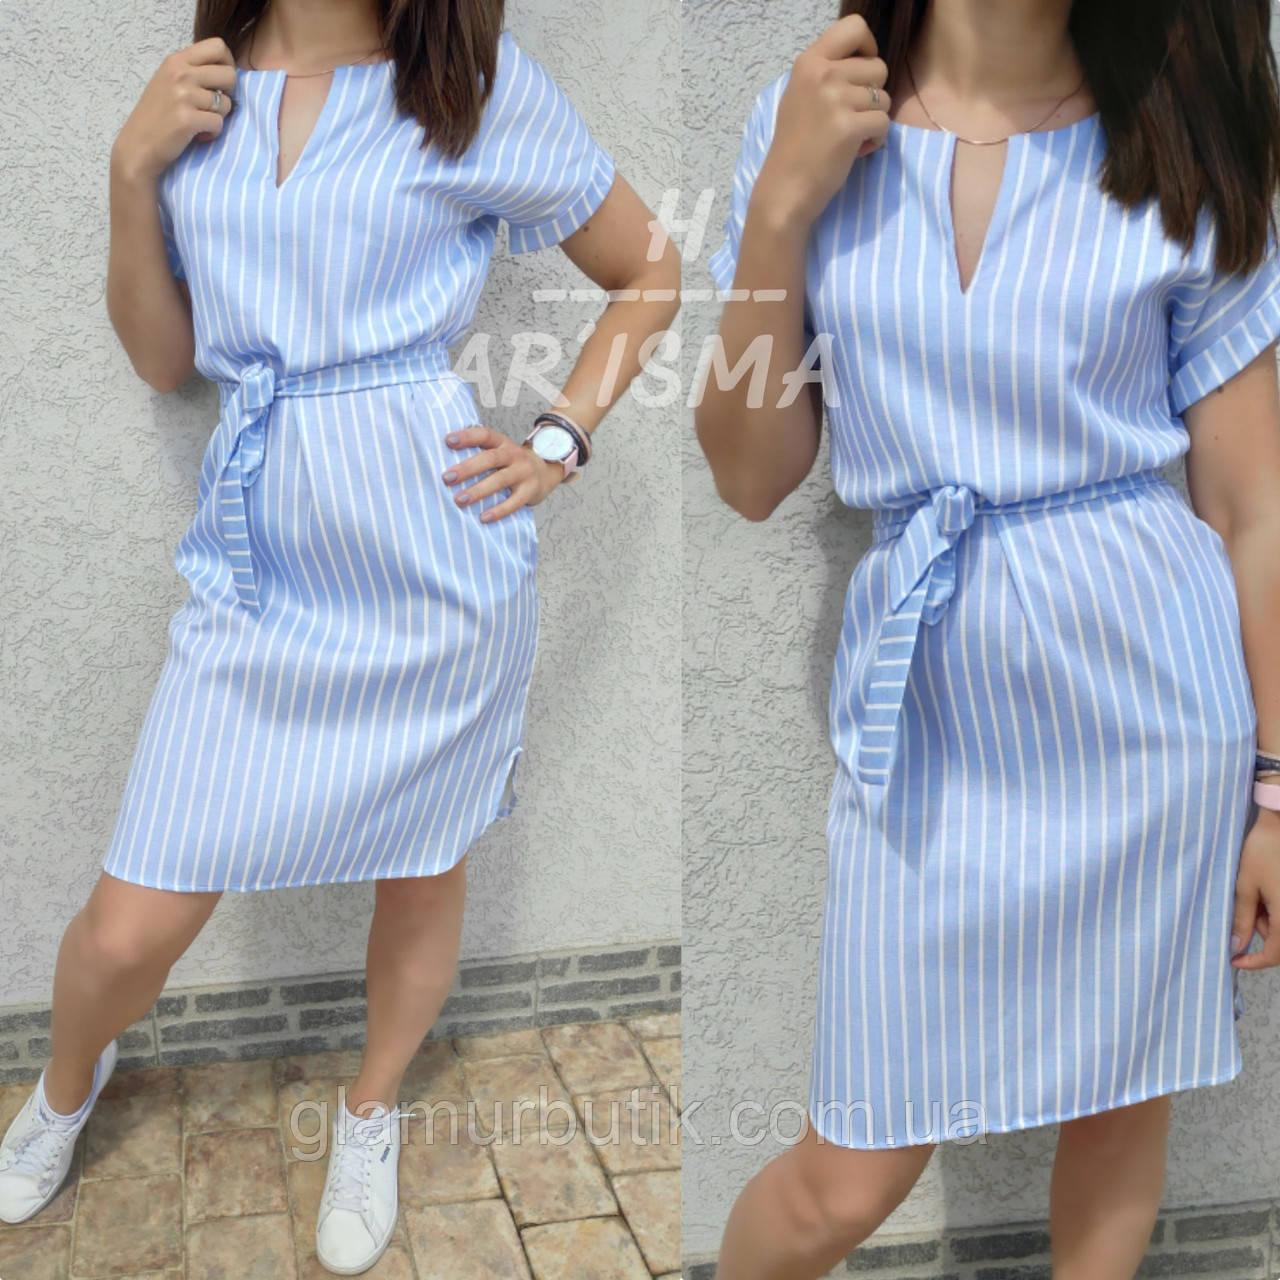 5bd0b29b1ab Стильное летнее платье с поясом и карманами в полоску голубое с белым S M L  XL - GlamurButik